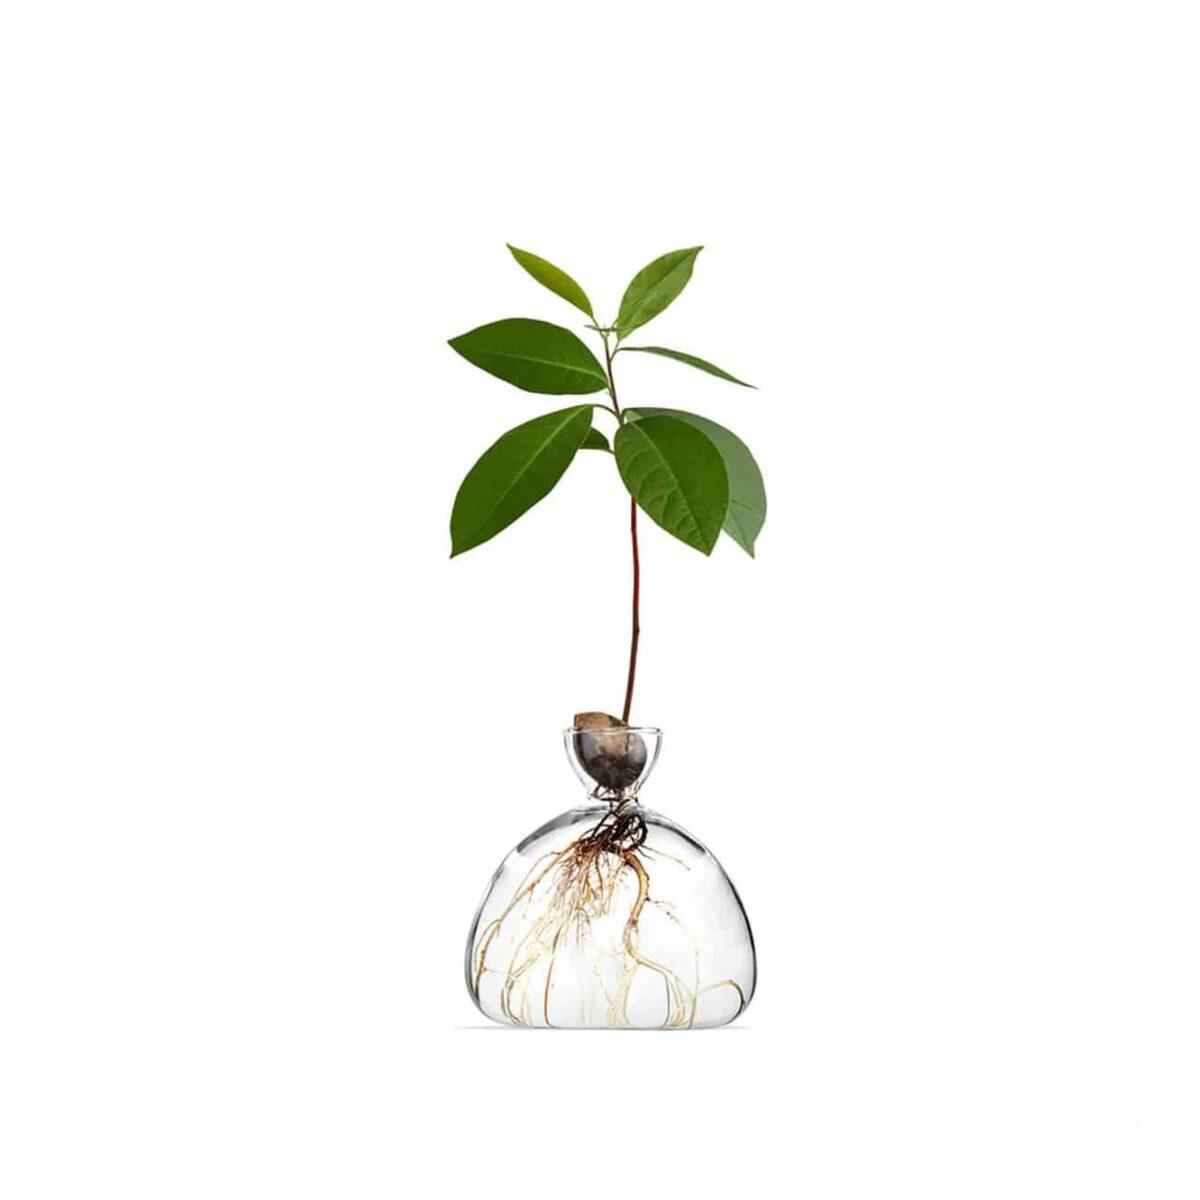 AvocadoVase_V1